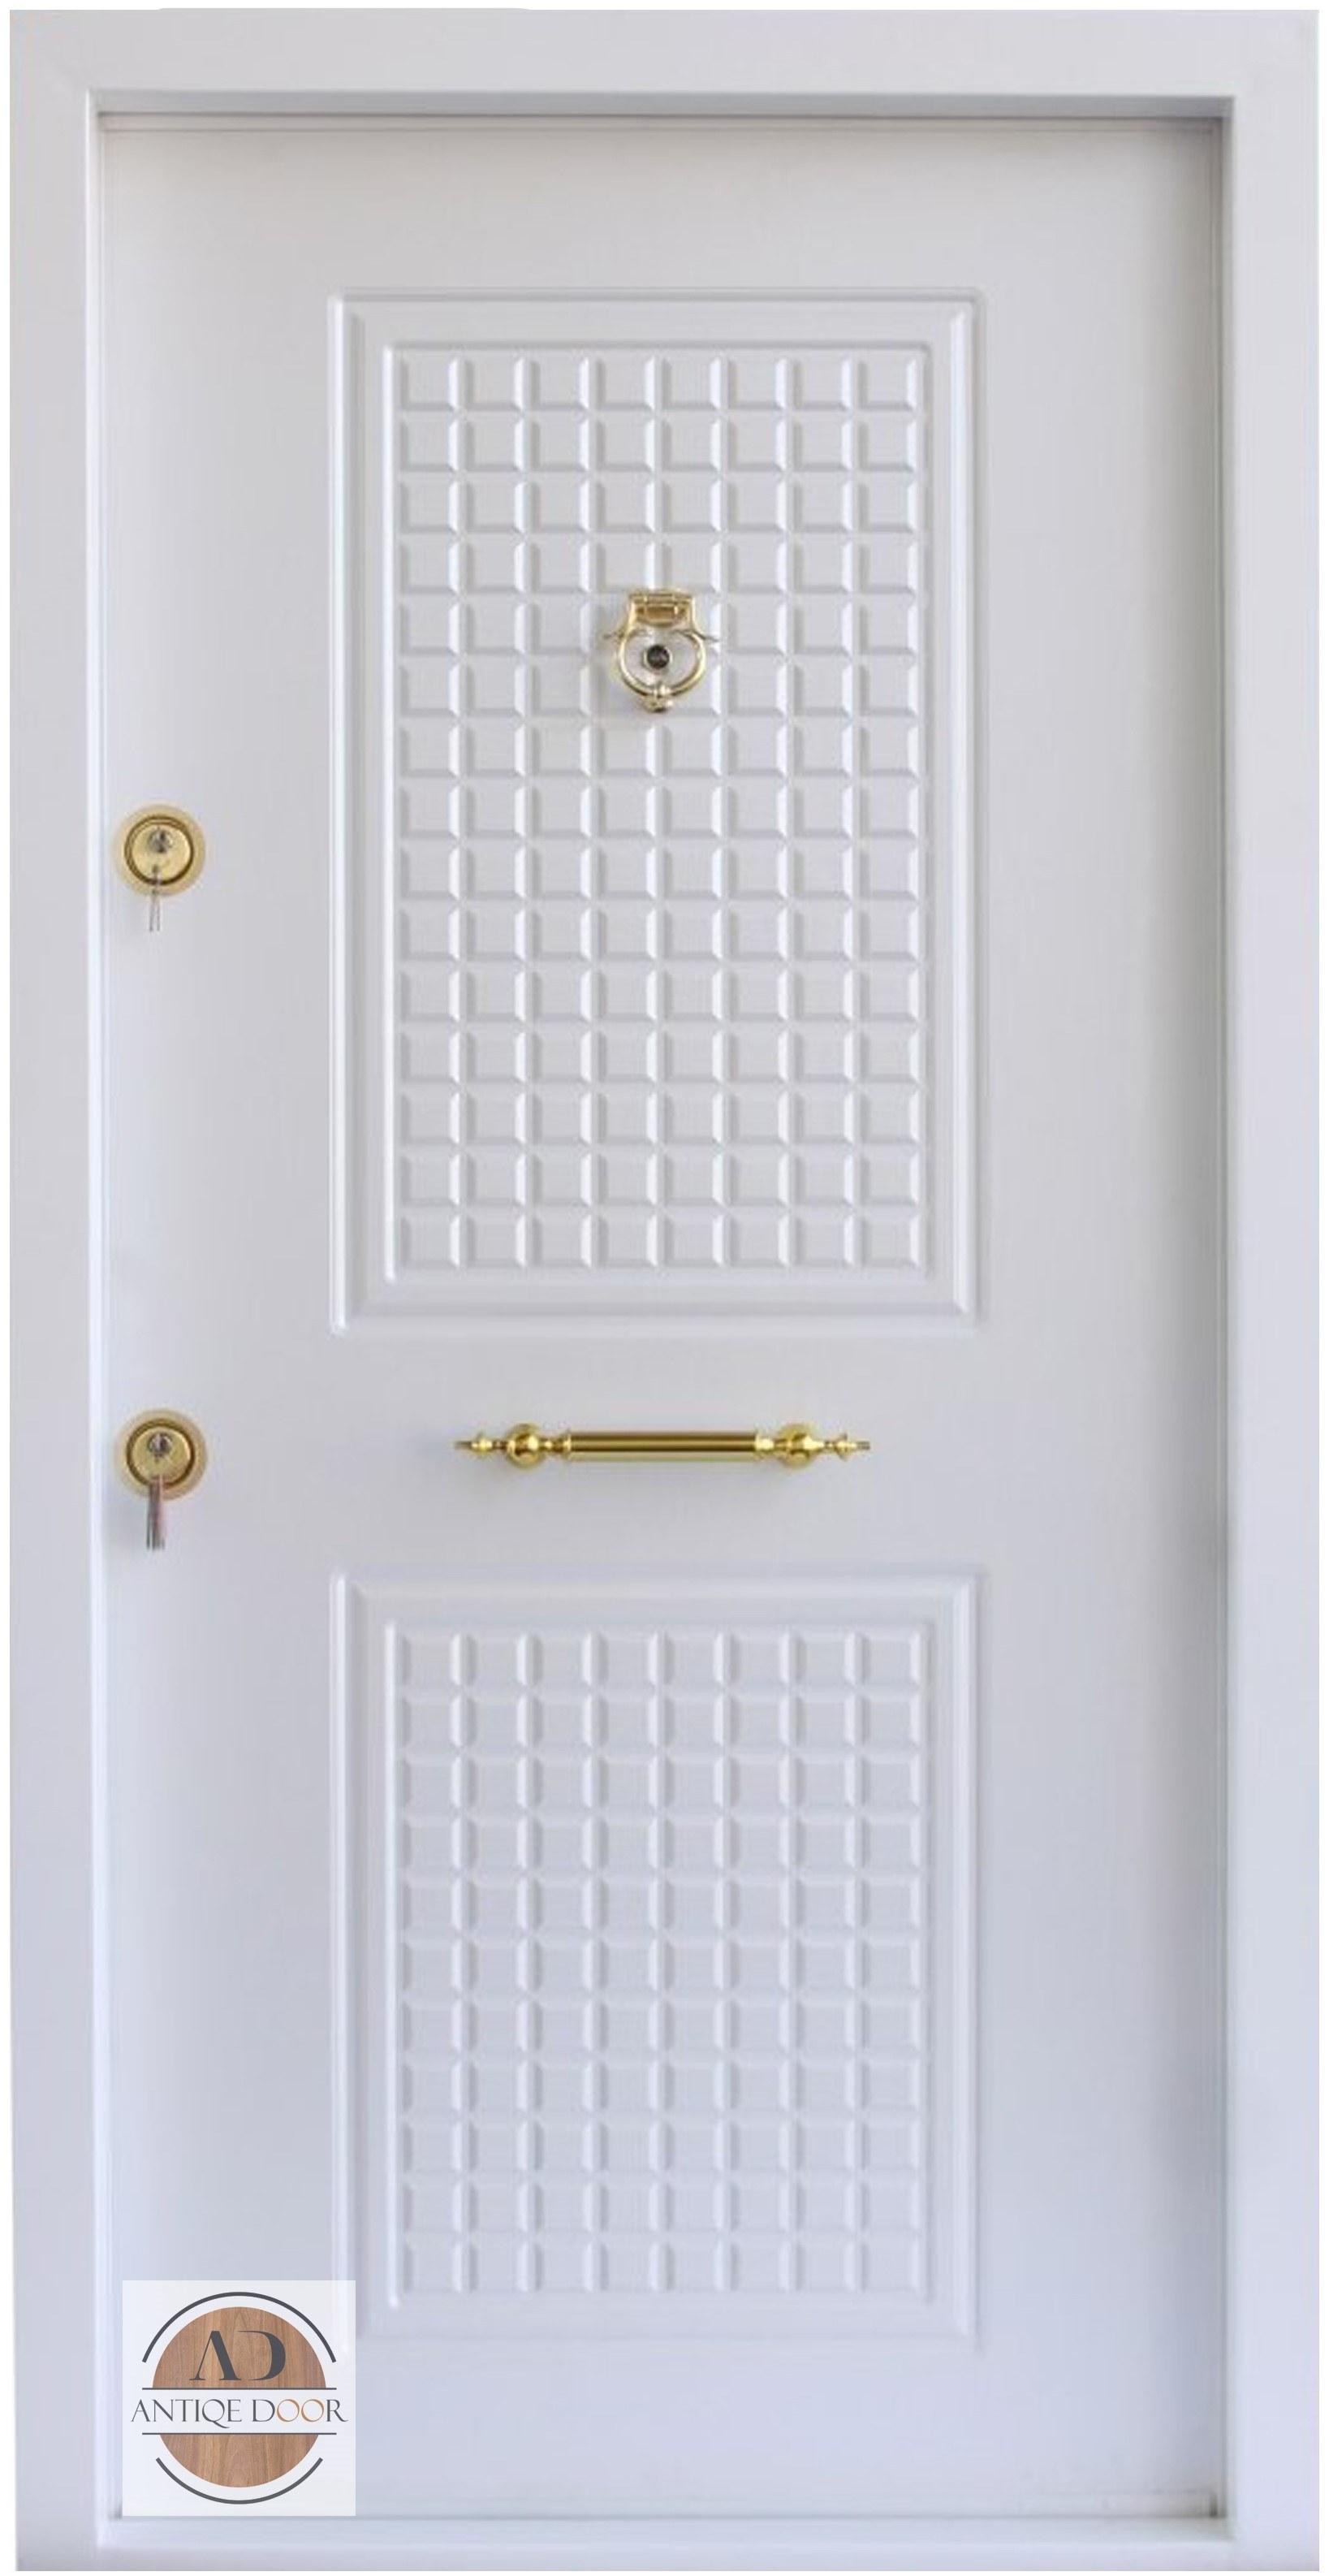 تصویر درب ضد سرقت دوقاب روکش پی وی سی سفید - 105*210 / راست بازشو